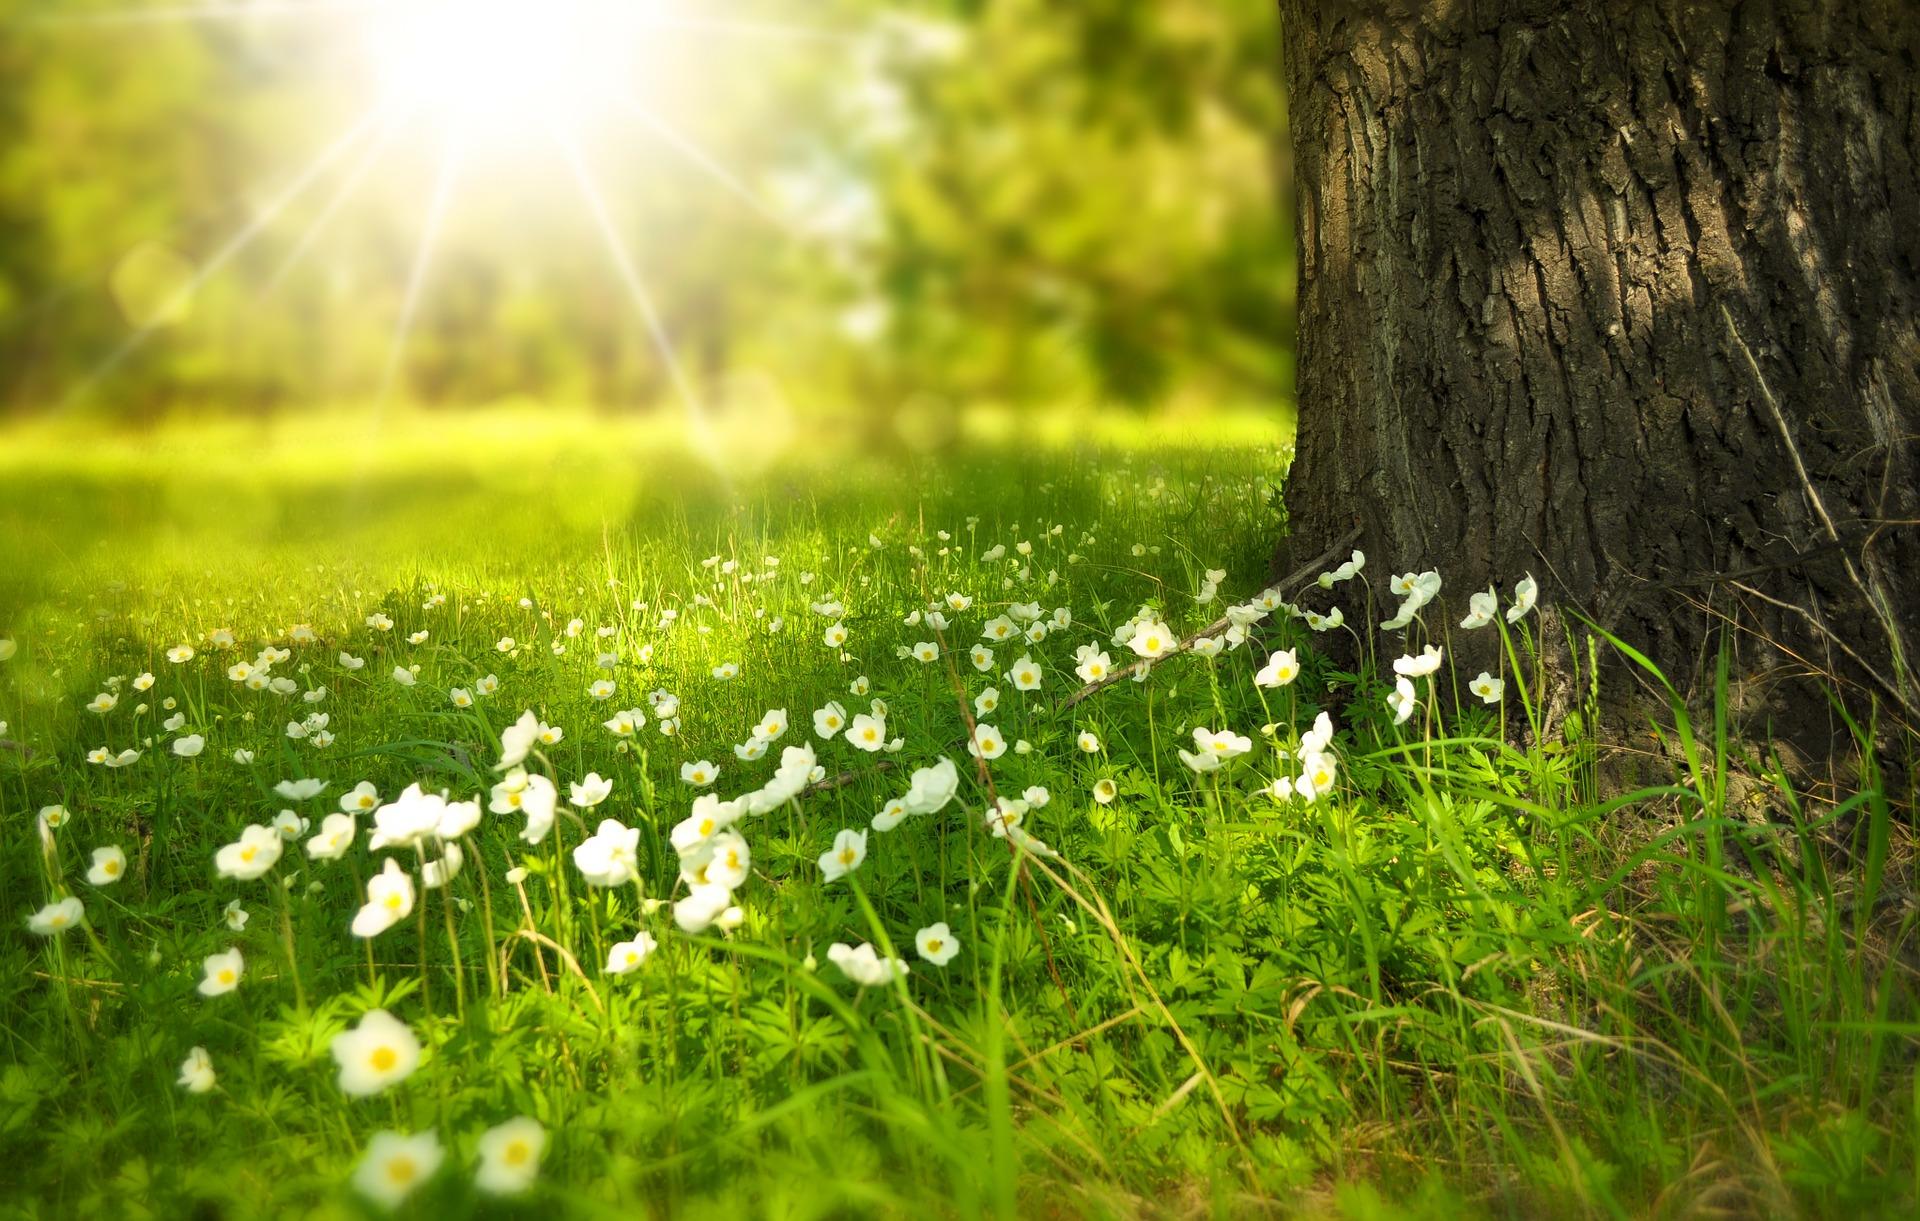 Bild von einem Garten bei Sonnenschein